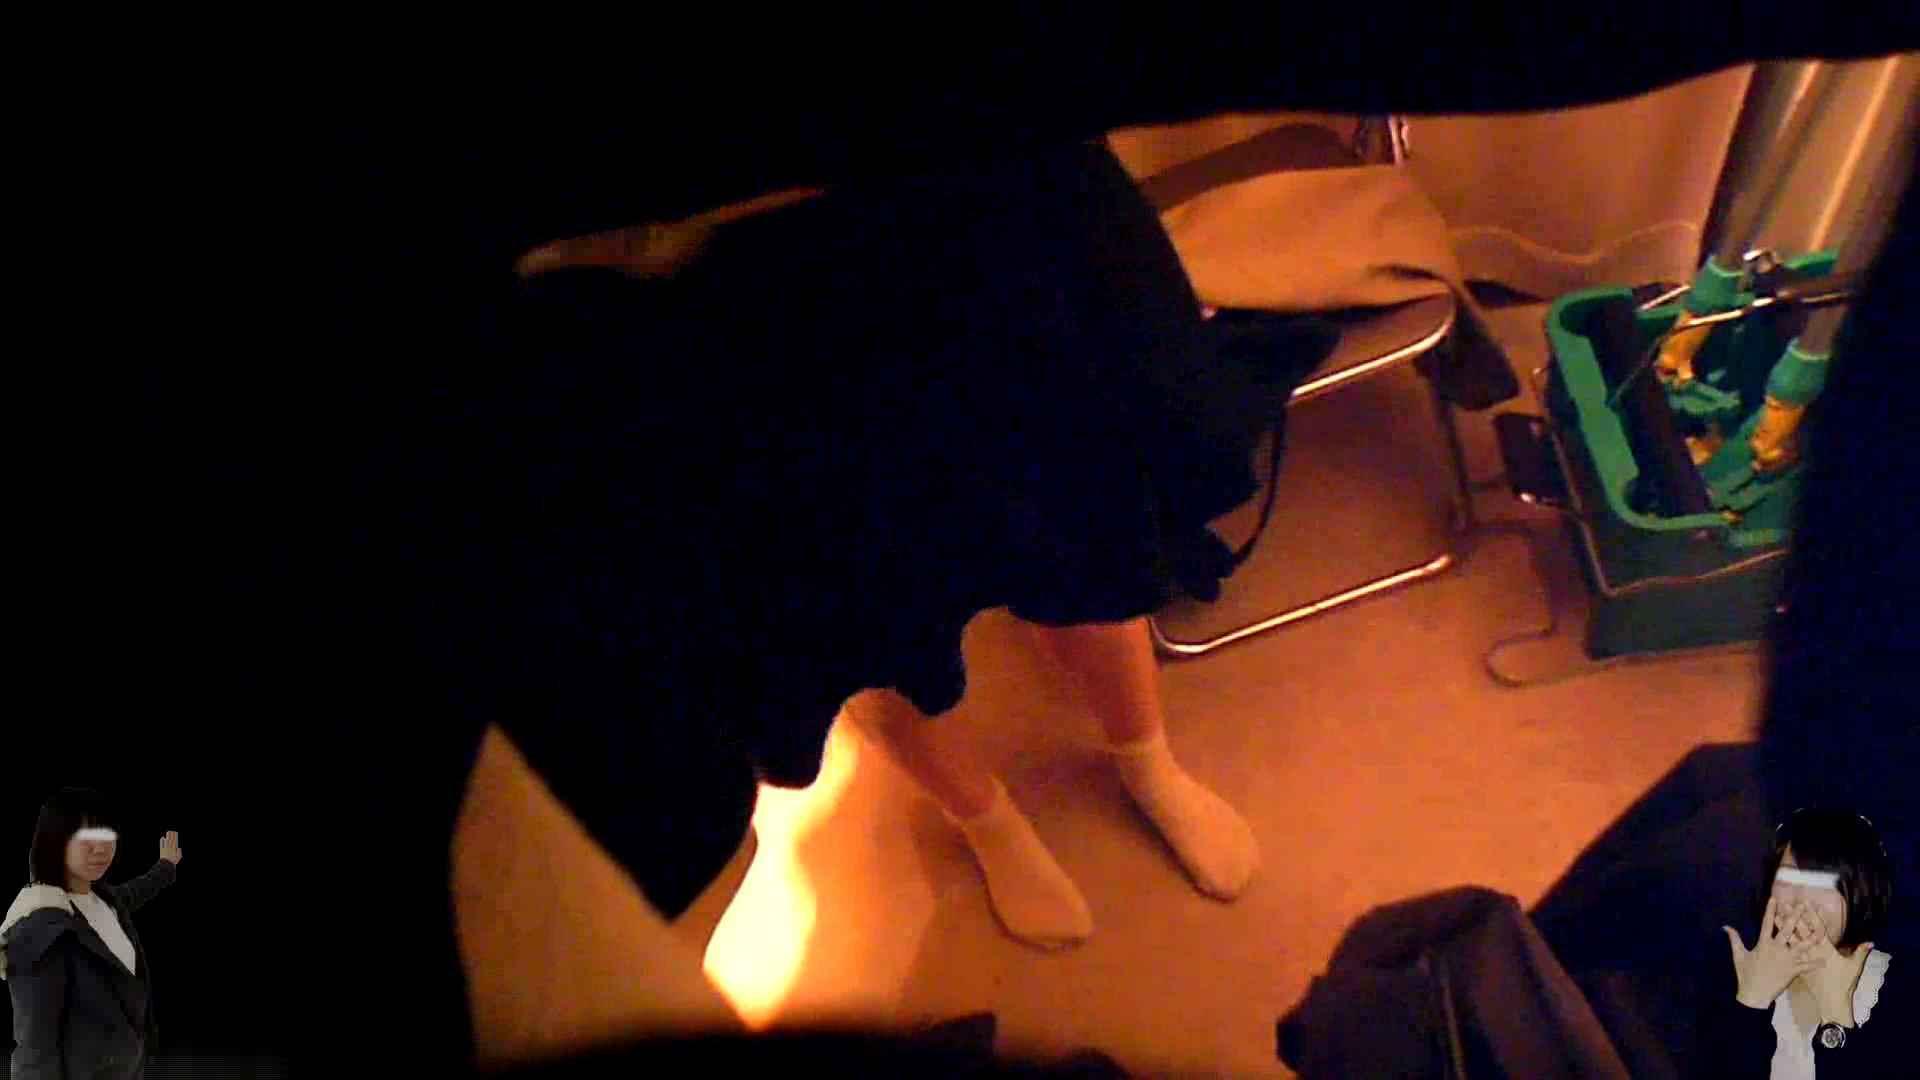 素人投稿 現役「JD」Eちゃんの着替え Vol.04 着替え おまんこ動画流出 107pic 83